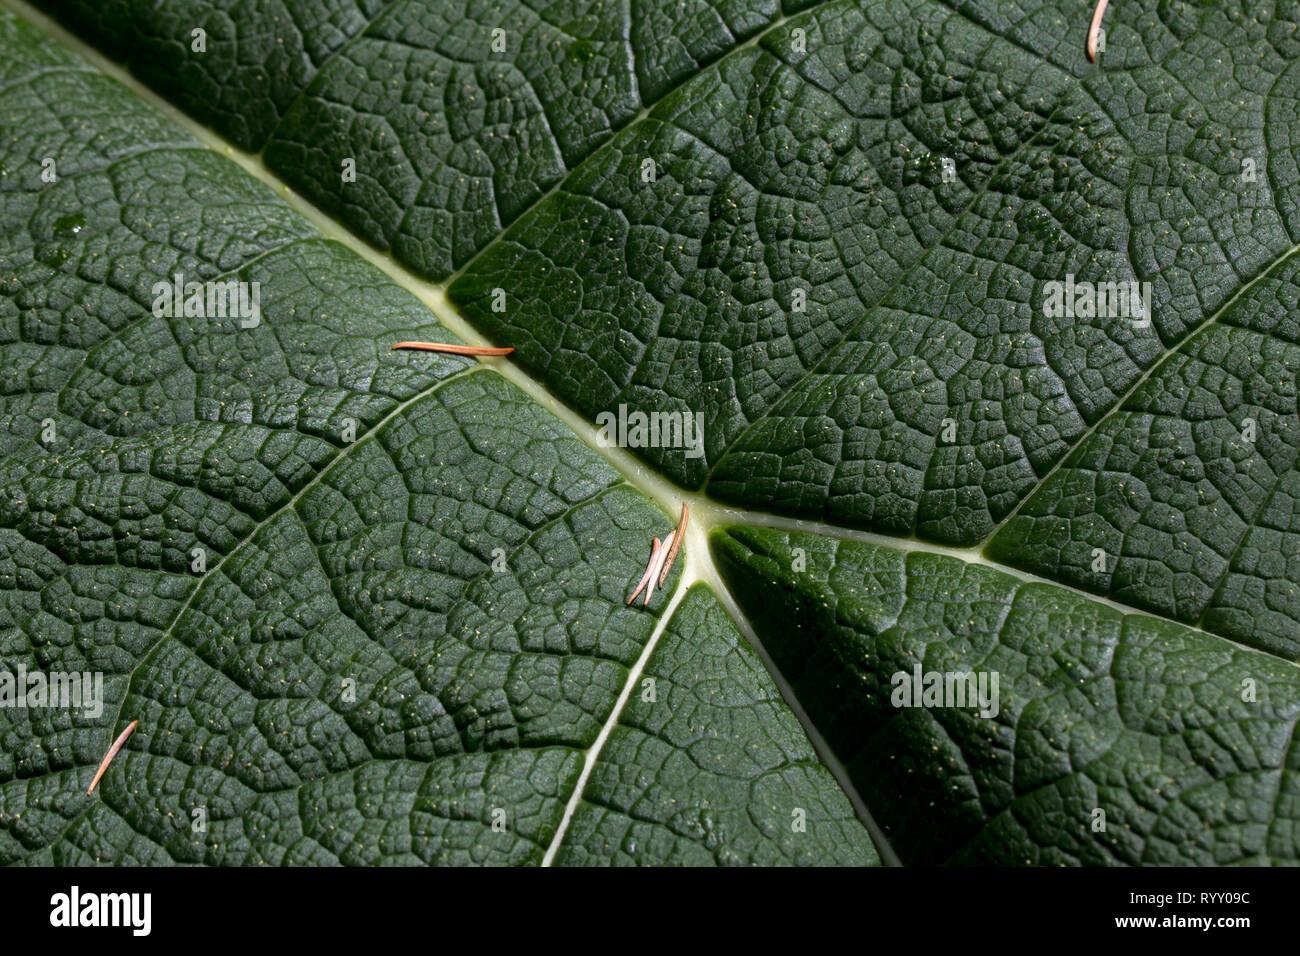 In der Nähe von riesigen Rhabarber Blatt sieht aus wie Luftaufnahme von grasbewachsenen Hügeln mit weißen Flüsse und Bäche Stockbild